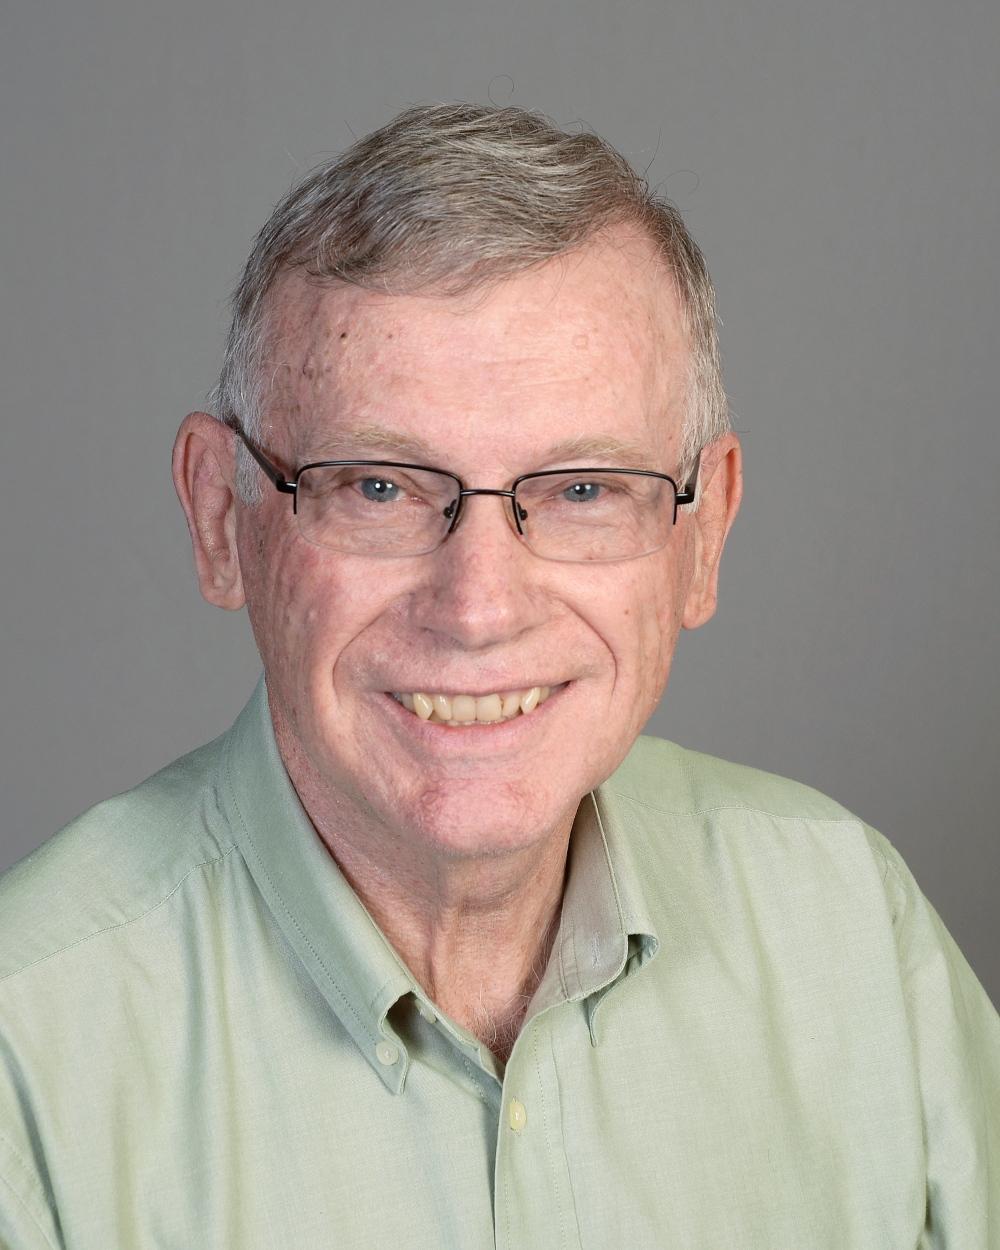 Treasurer Mr. Kenneth Finkle Faith, Jacksonville - West Central